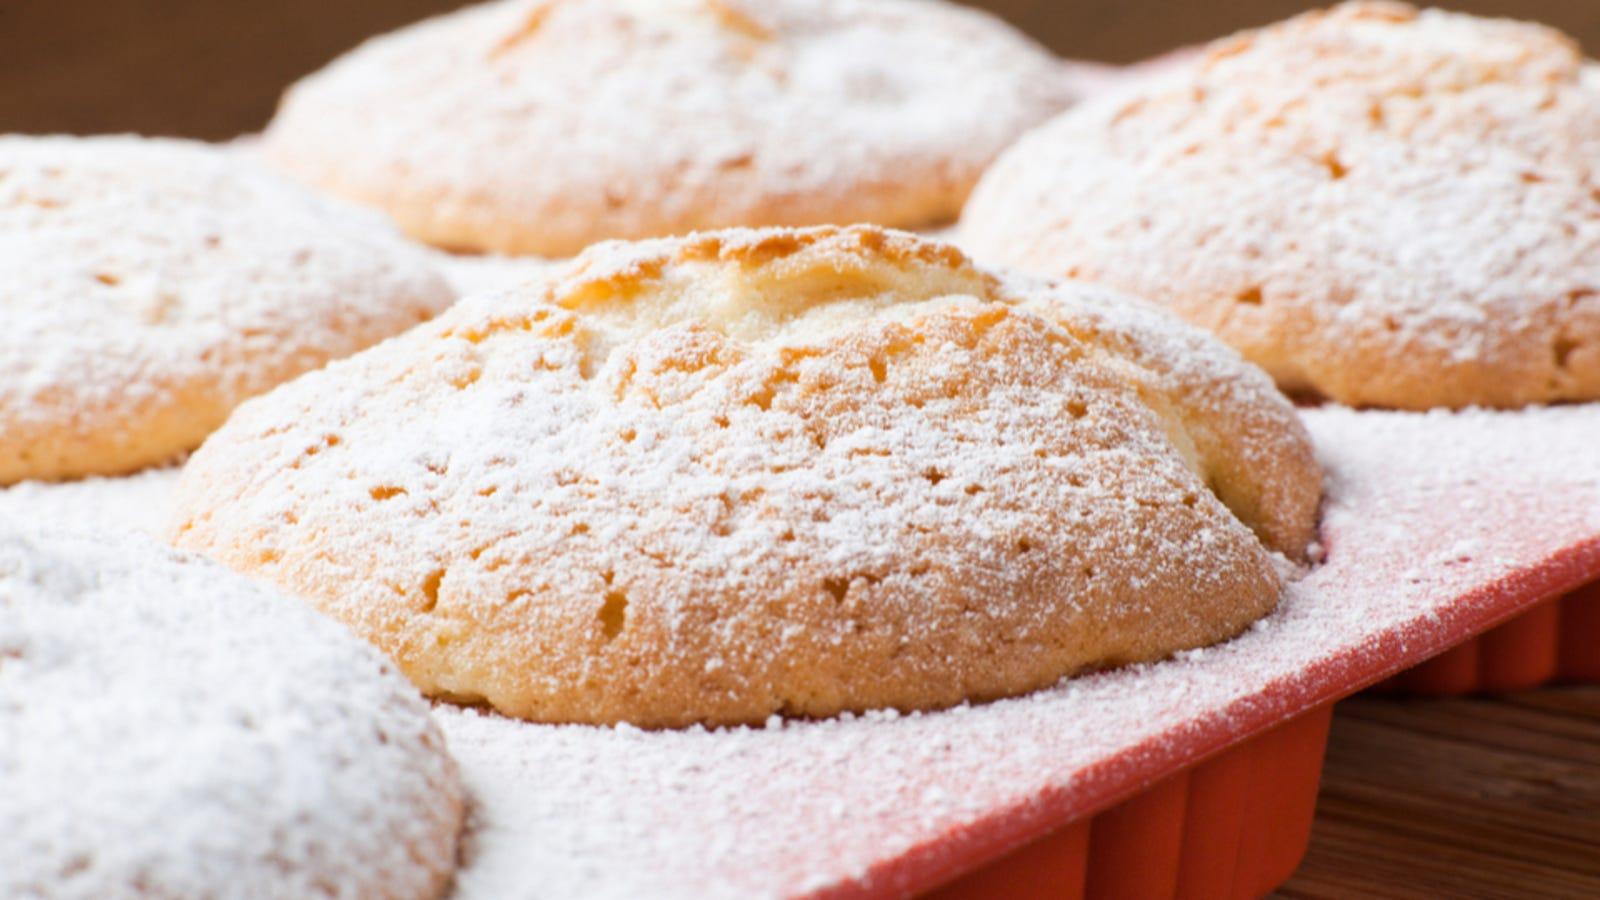 Cupcakes as addictive as cocaine